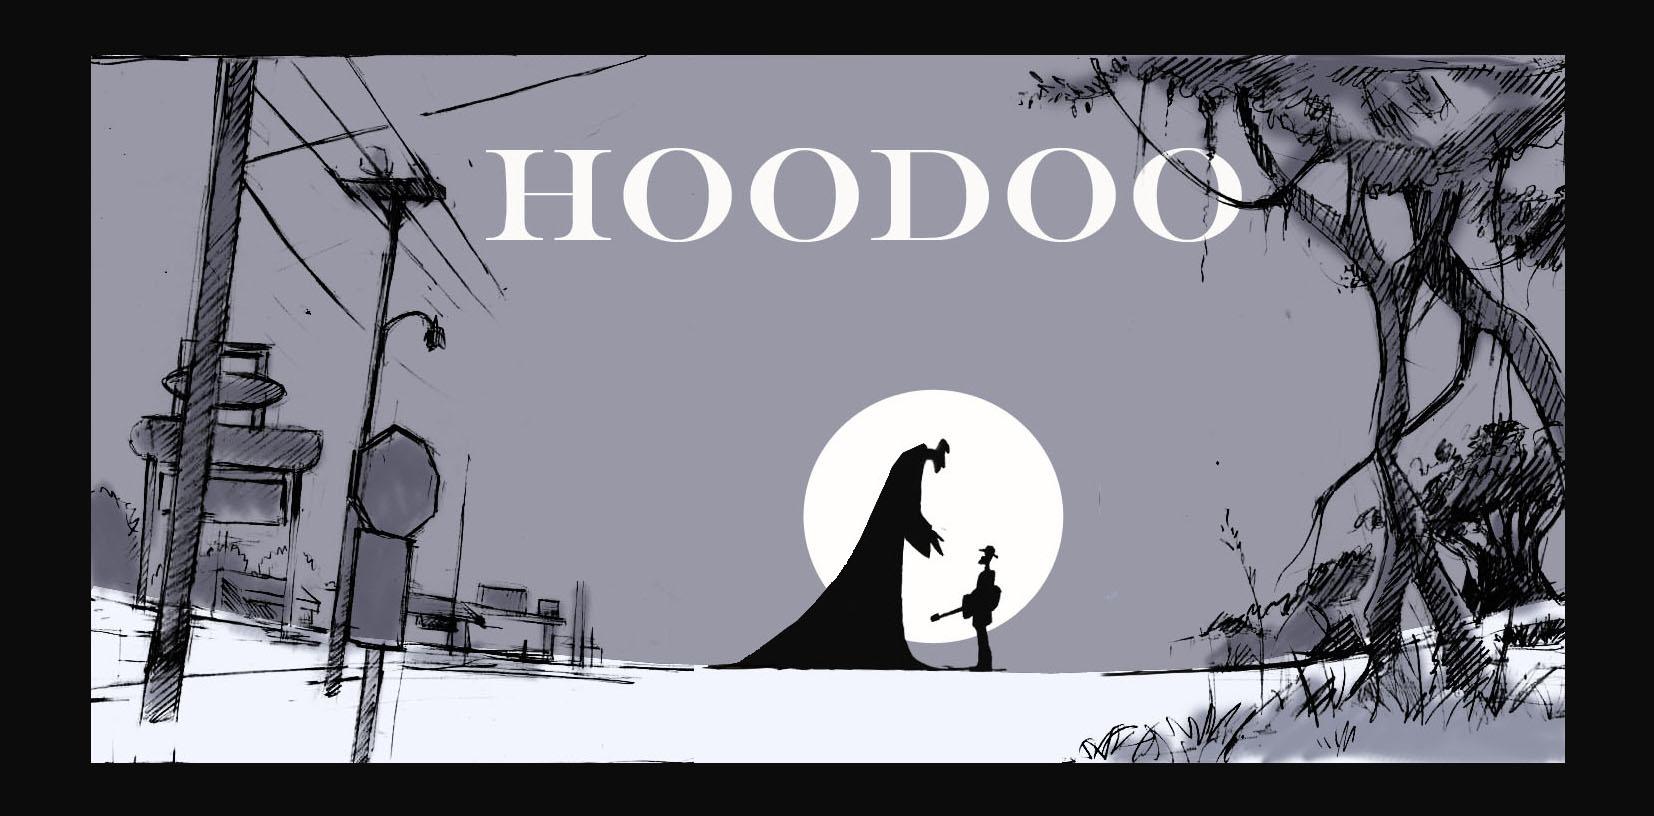 hoodoo theme